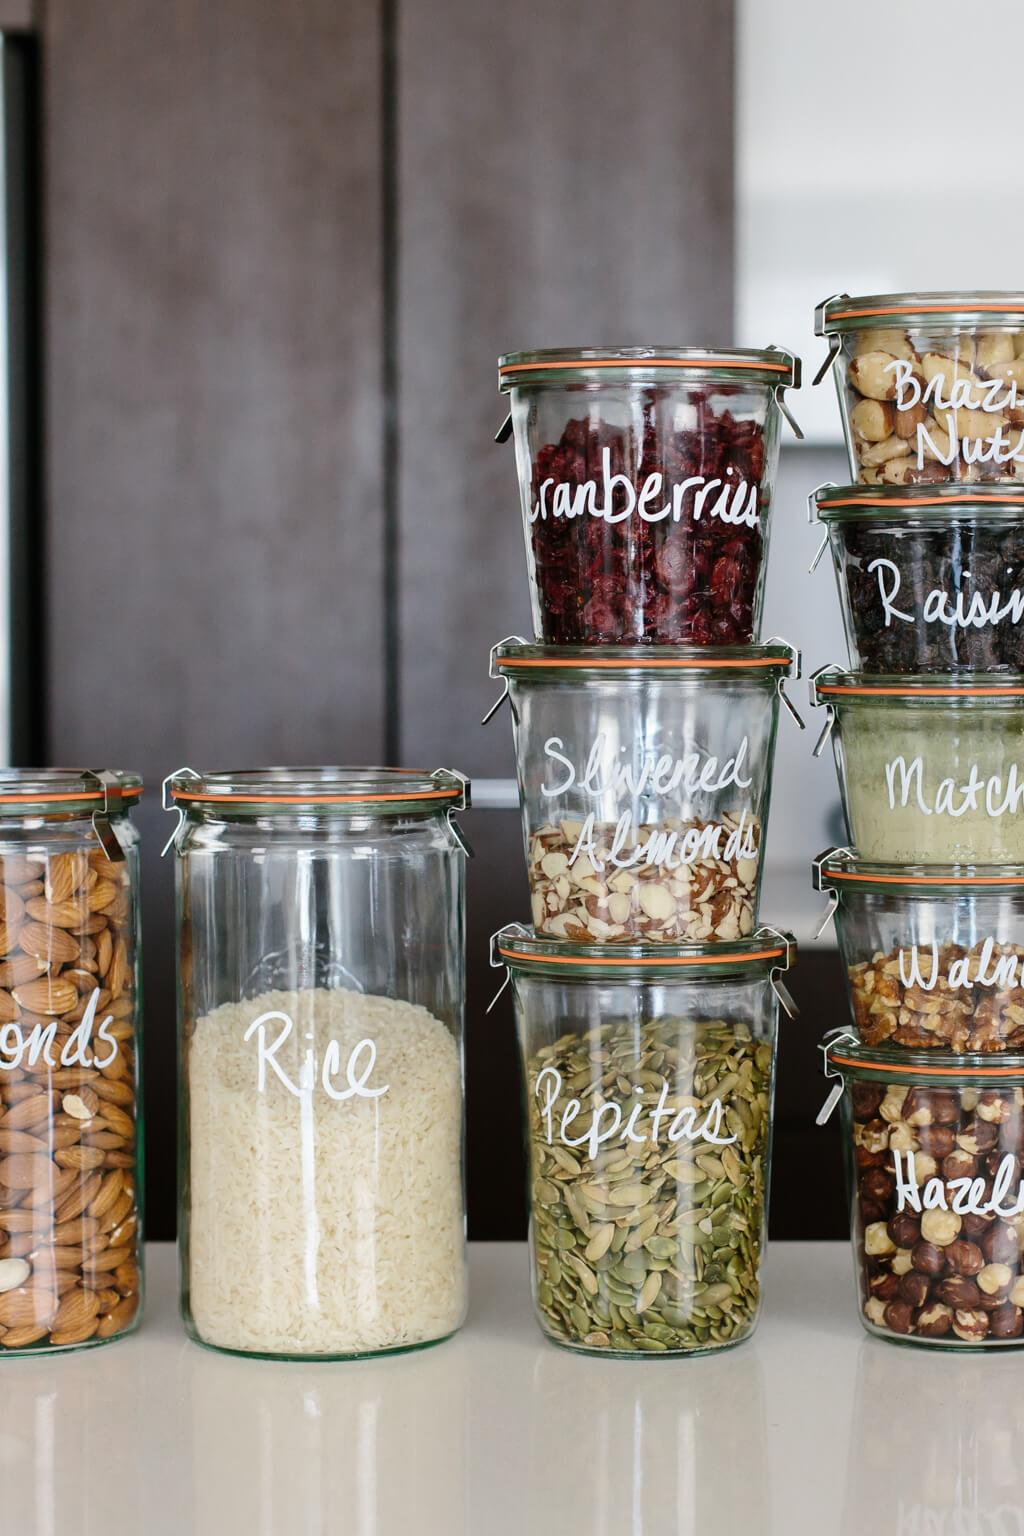 zéro déchet bocaux verre hermétique aliment sec graine chia riz personnalisation - blog déco - clem around the corner